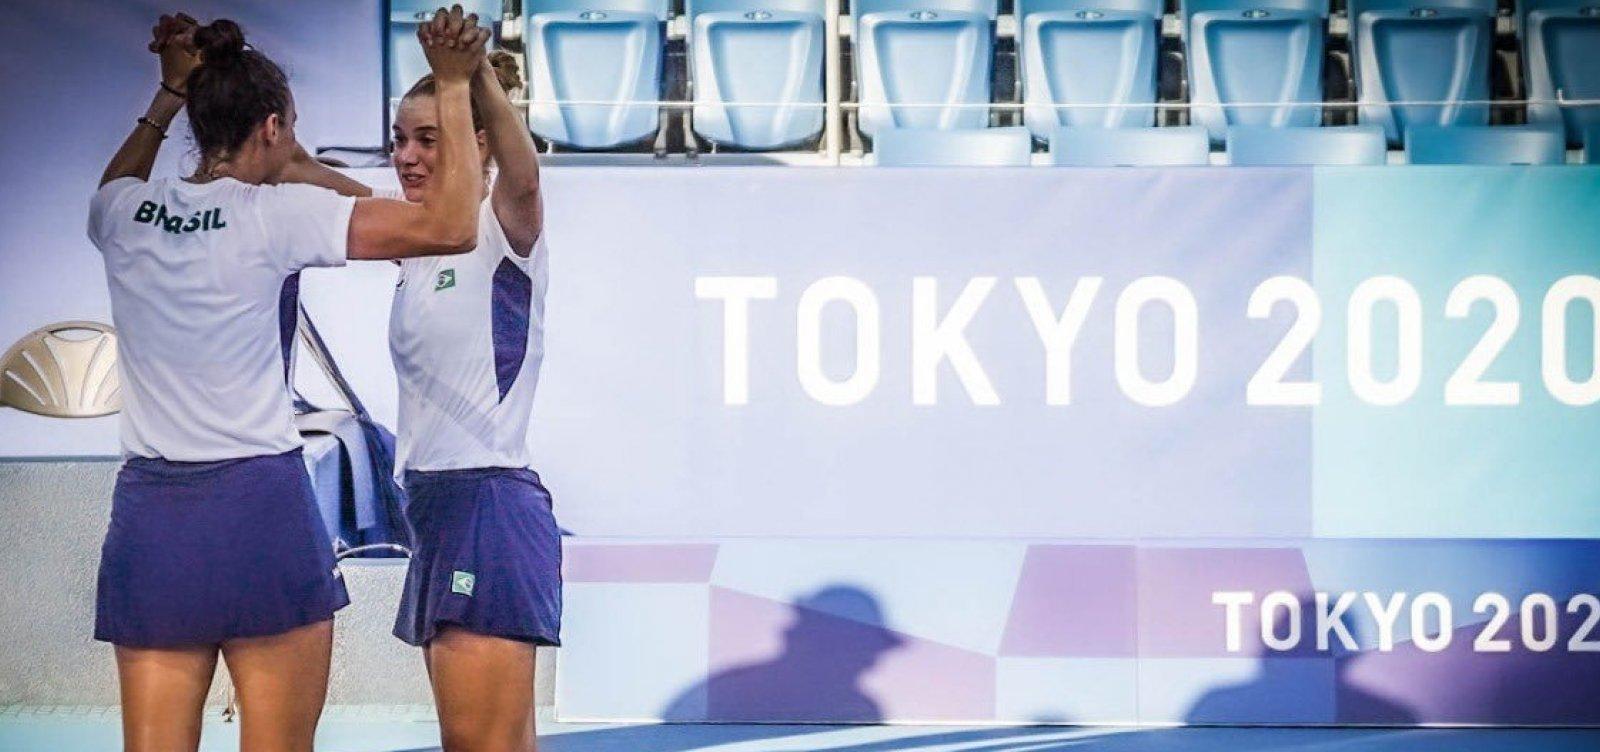 Laura e Luisa viram sobre russas e faturam medalha inédita do tênis brasileiro